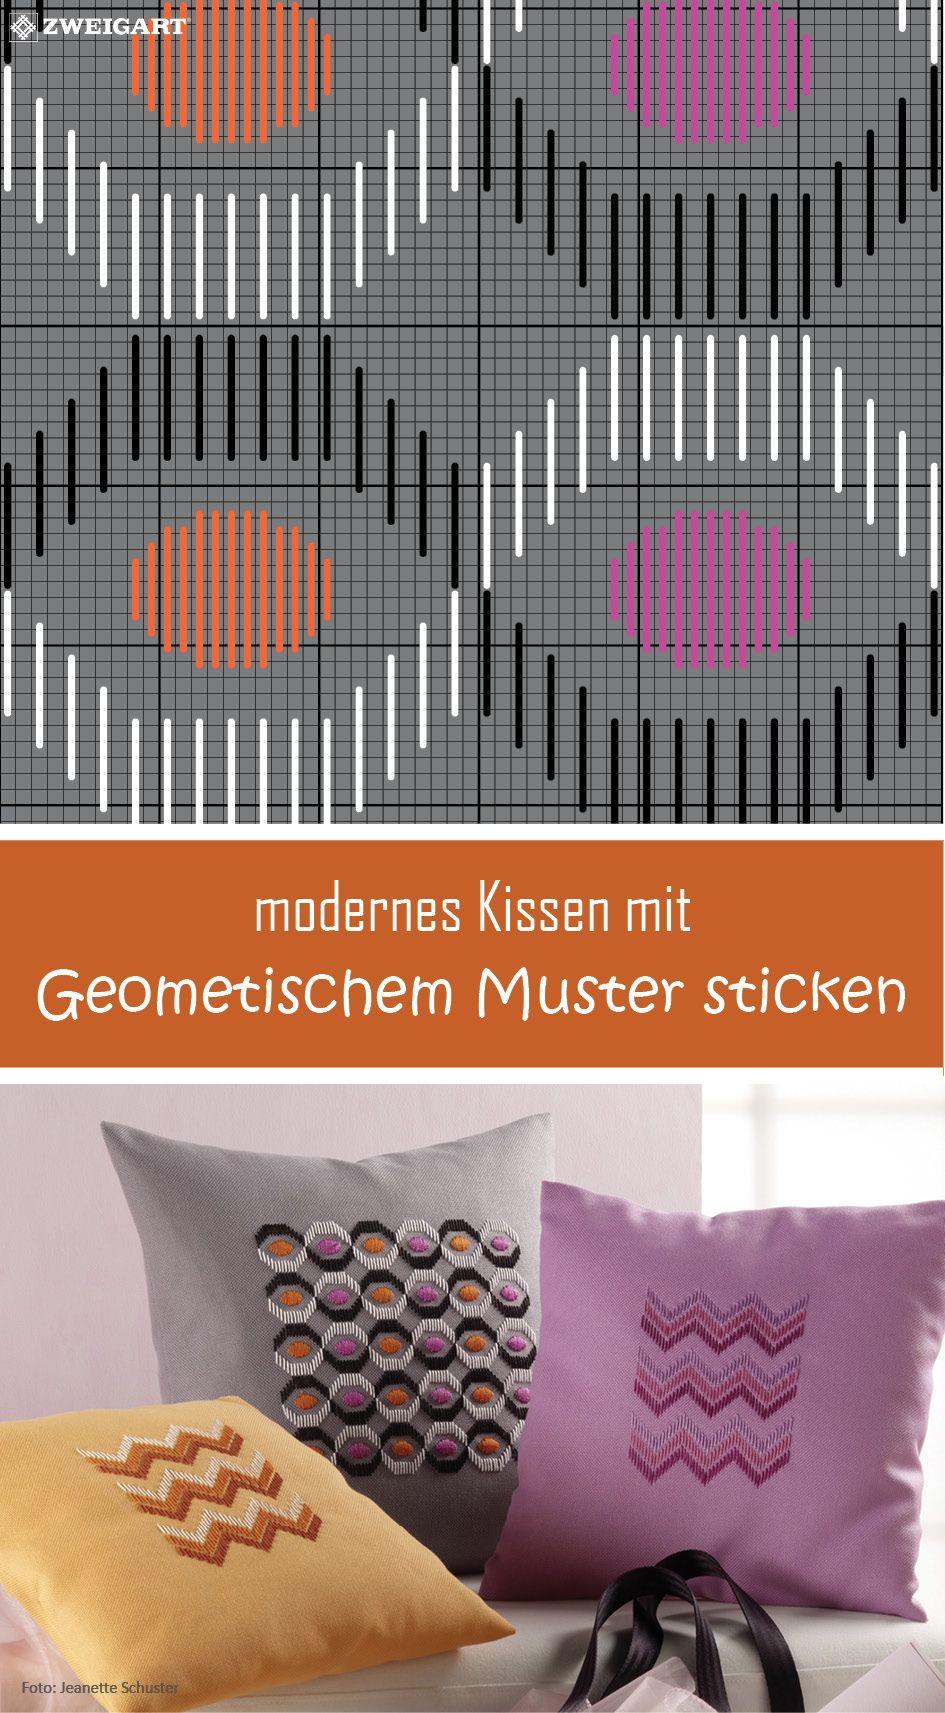 Kissen mit geometrischem Muster sticken - Entdecke zahlreiche ...